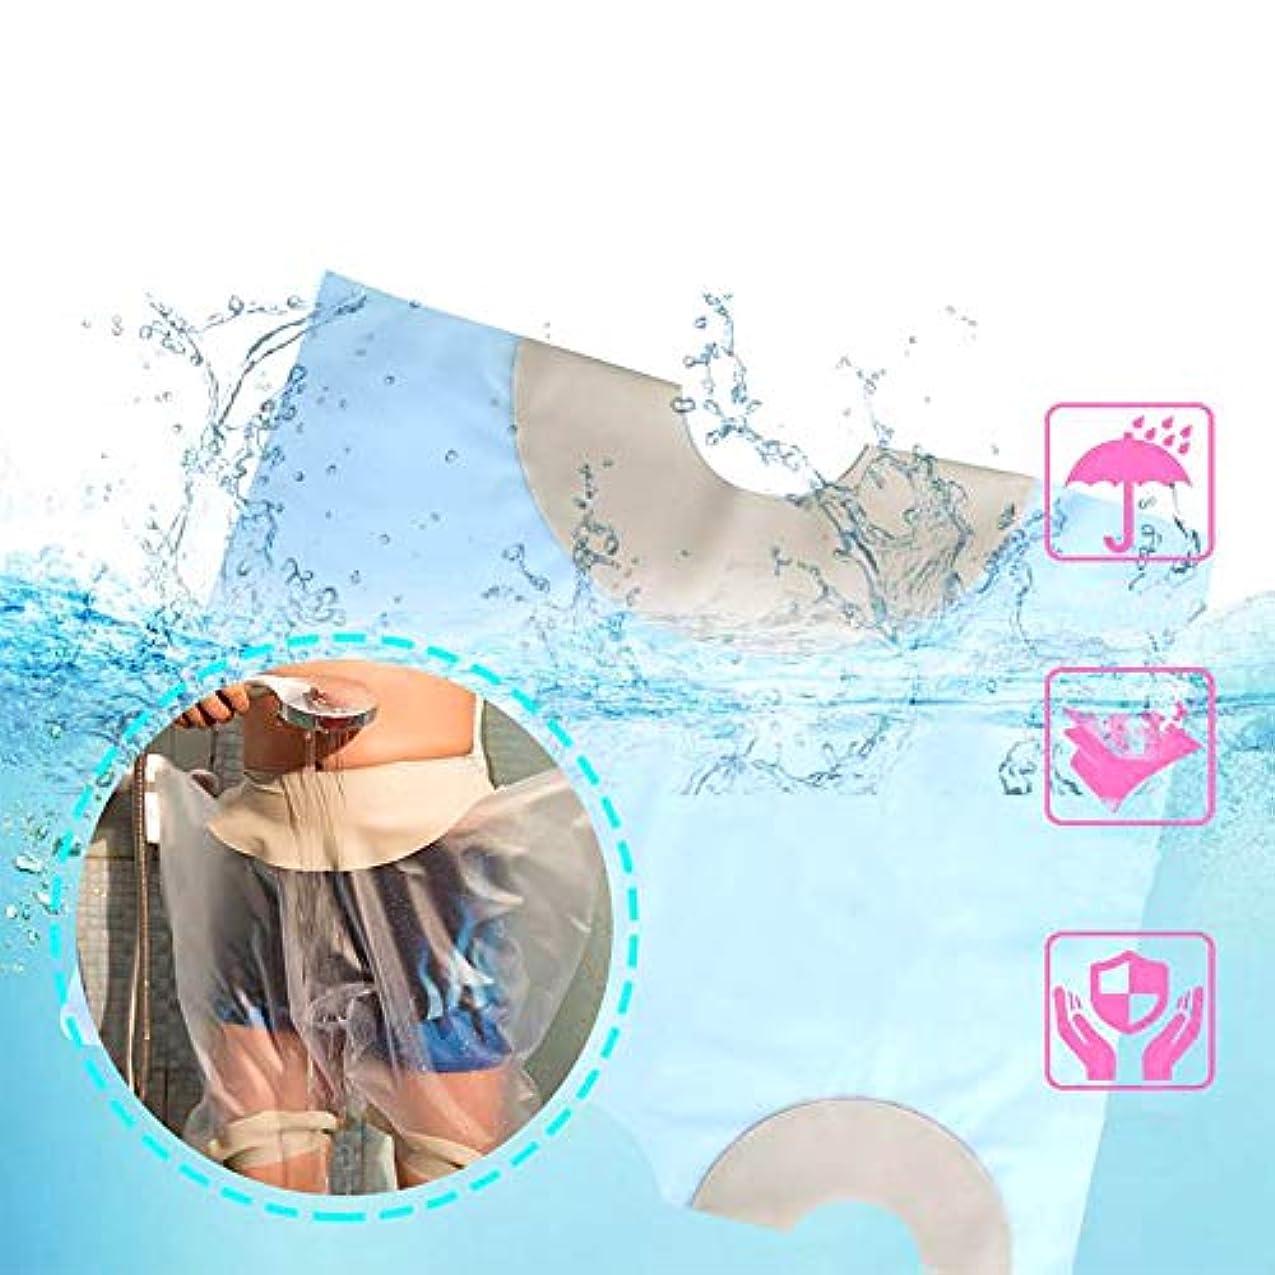 束淡い霧防水キャストバッグ包帯プロテクター防水大人のプラスチック製の保護ドライバッグ防水、耐、水中シール,M